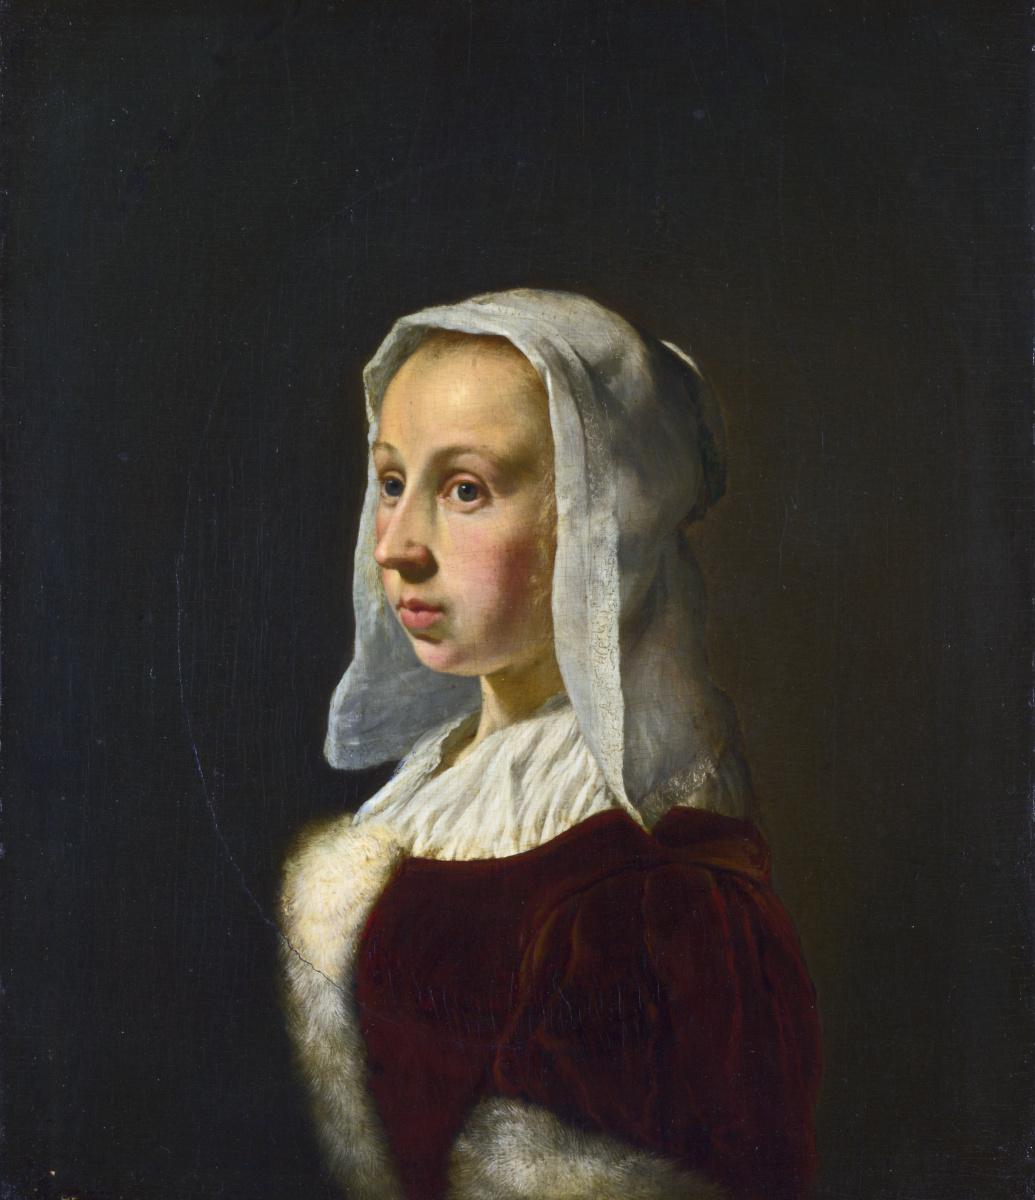 Ван Миепис тх Елдеп Франс. Портрет жены художника